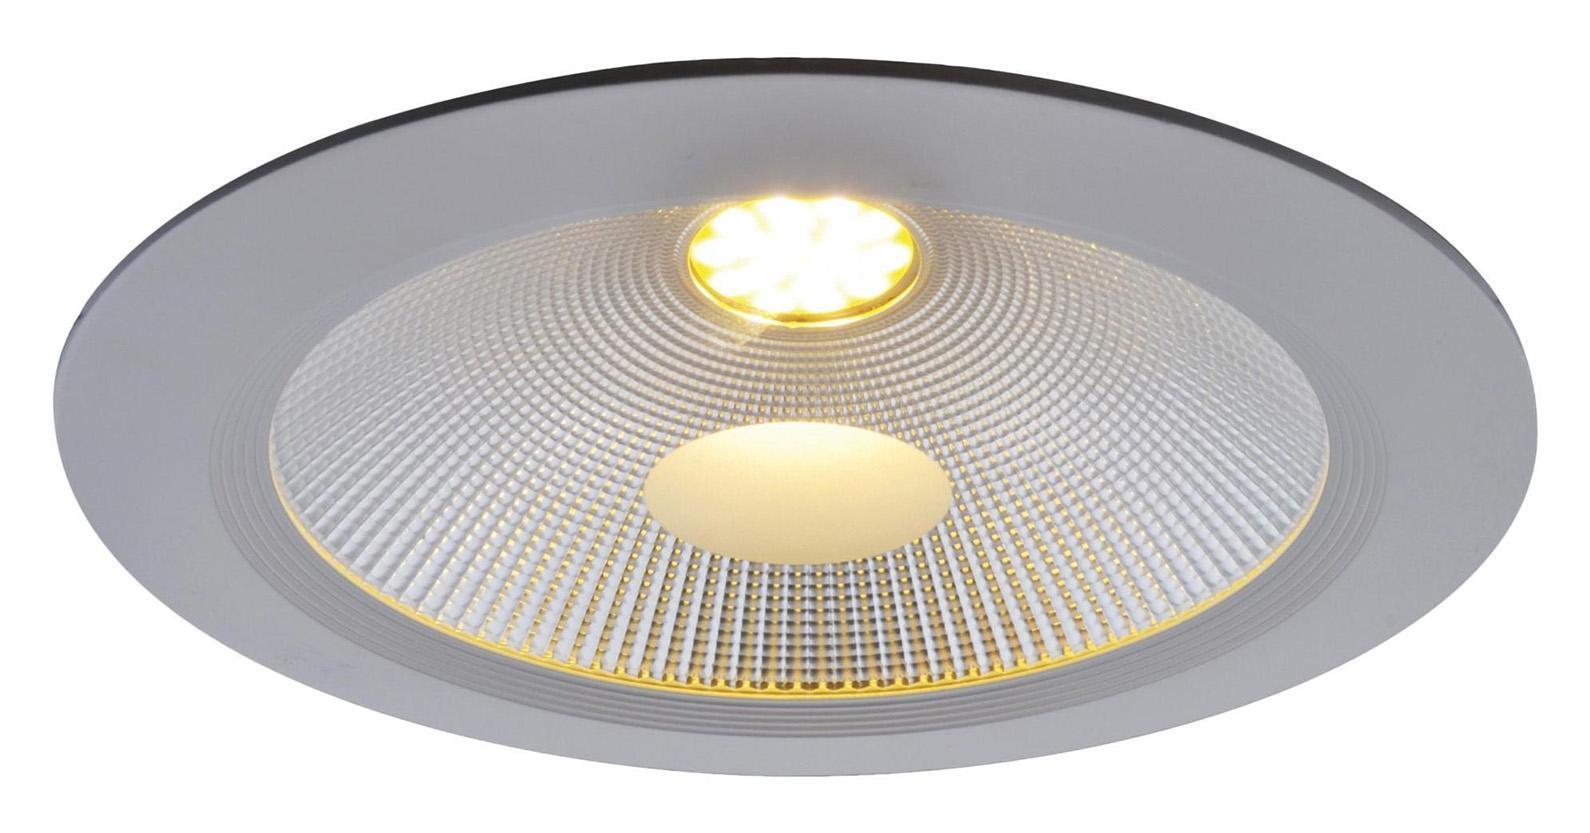 Светильник встраиваемый Arte lampСветильники встраиваемые<br>Стиль светильника: модерн,<br>Диаметр: 230,<br>Форма светильника: квадрат,<br>Материал светильника: металл,<br>Количество ламп: 1,<br>Тип лампы: светодиодная,<br>Мощность: 20,<br>Патрон: LED,<br>Цвет арматуры: белый,<br>Назначение светильника: для комнаты<br>